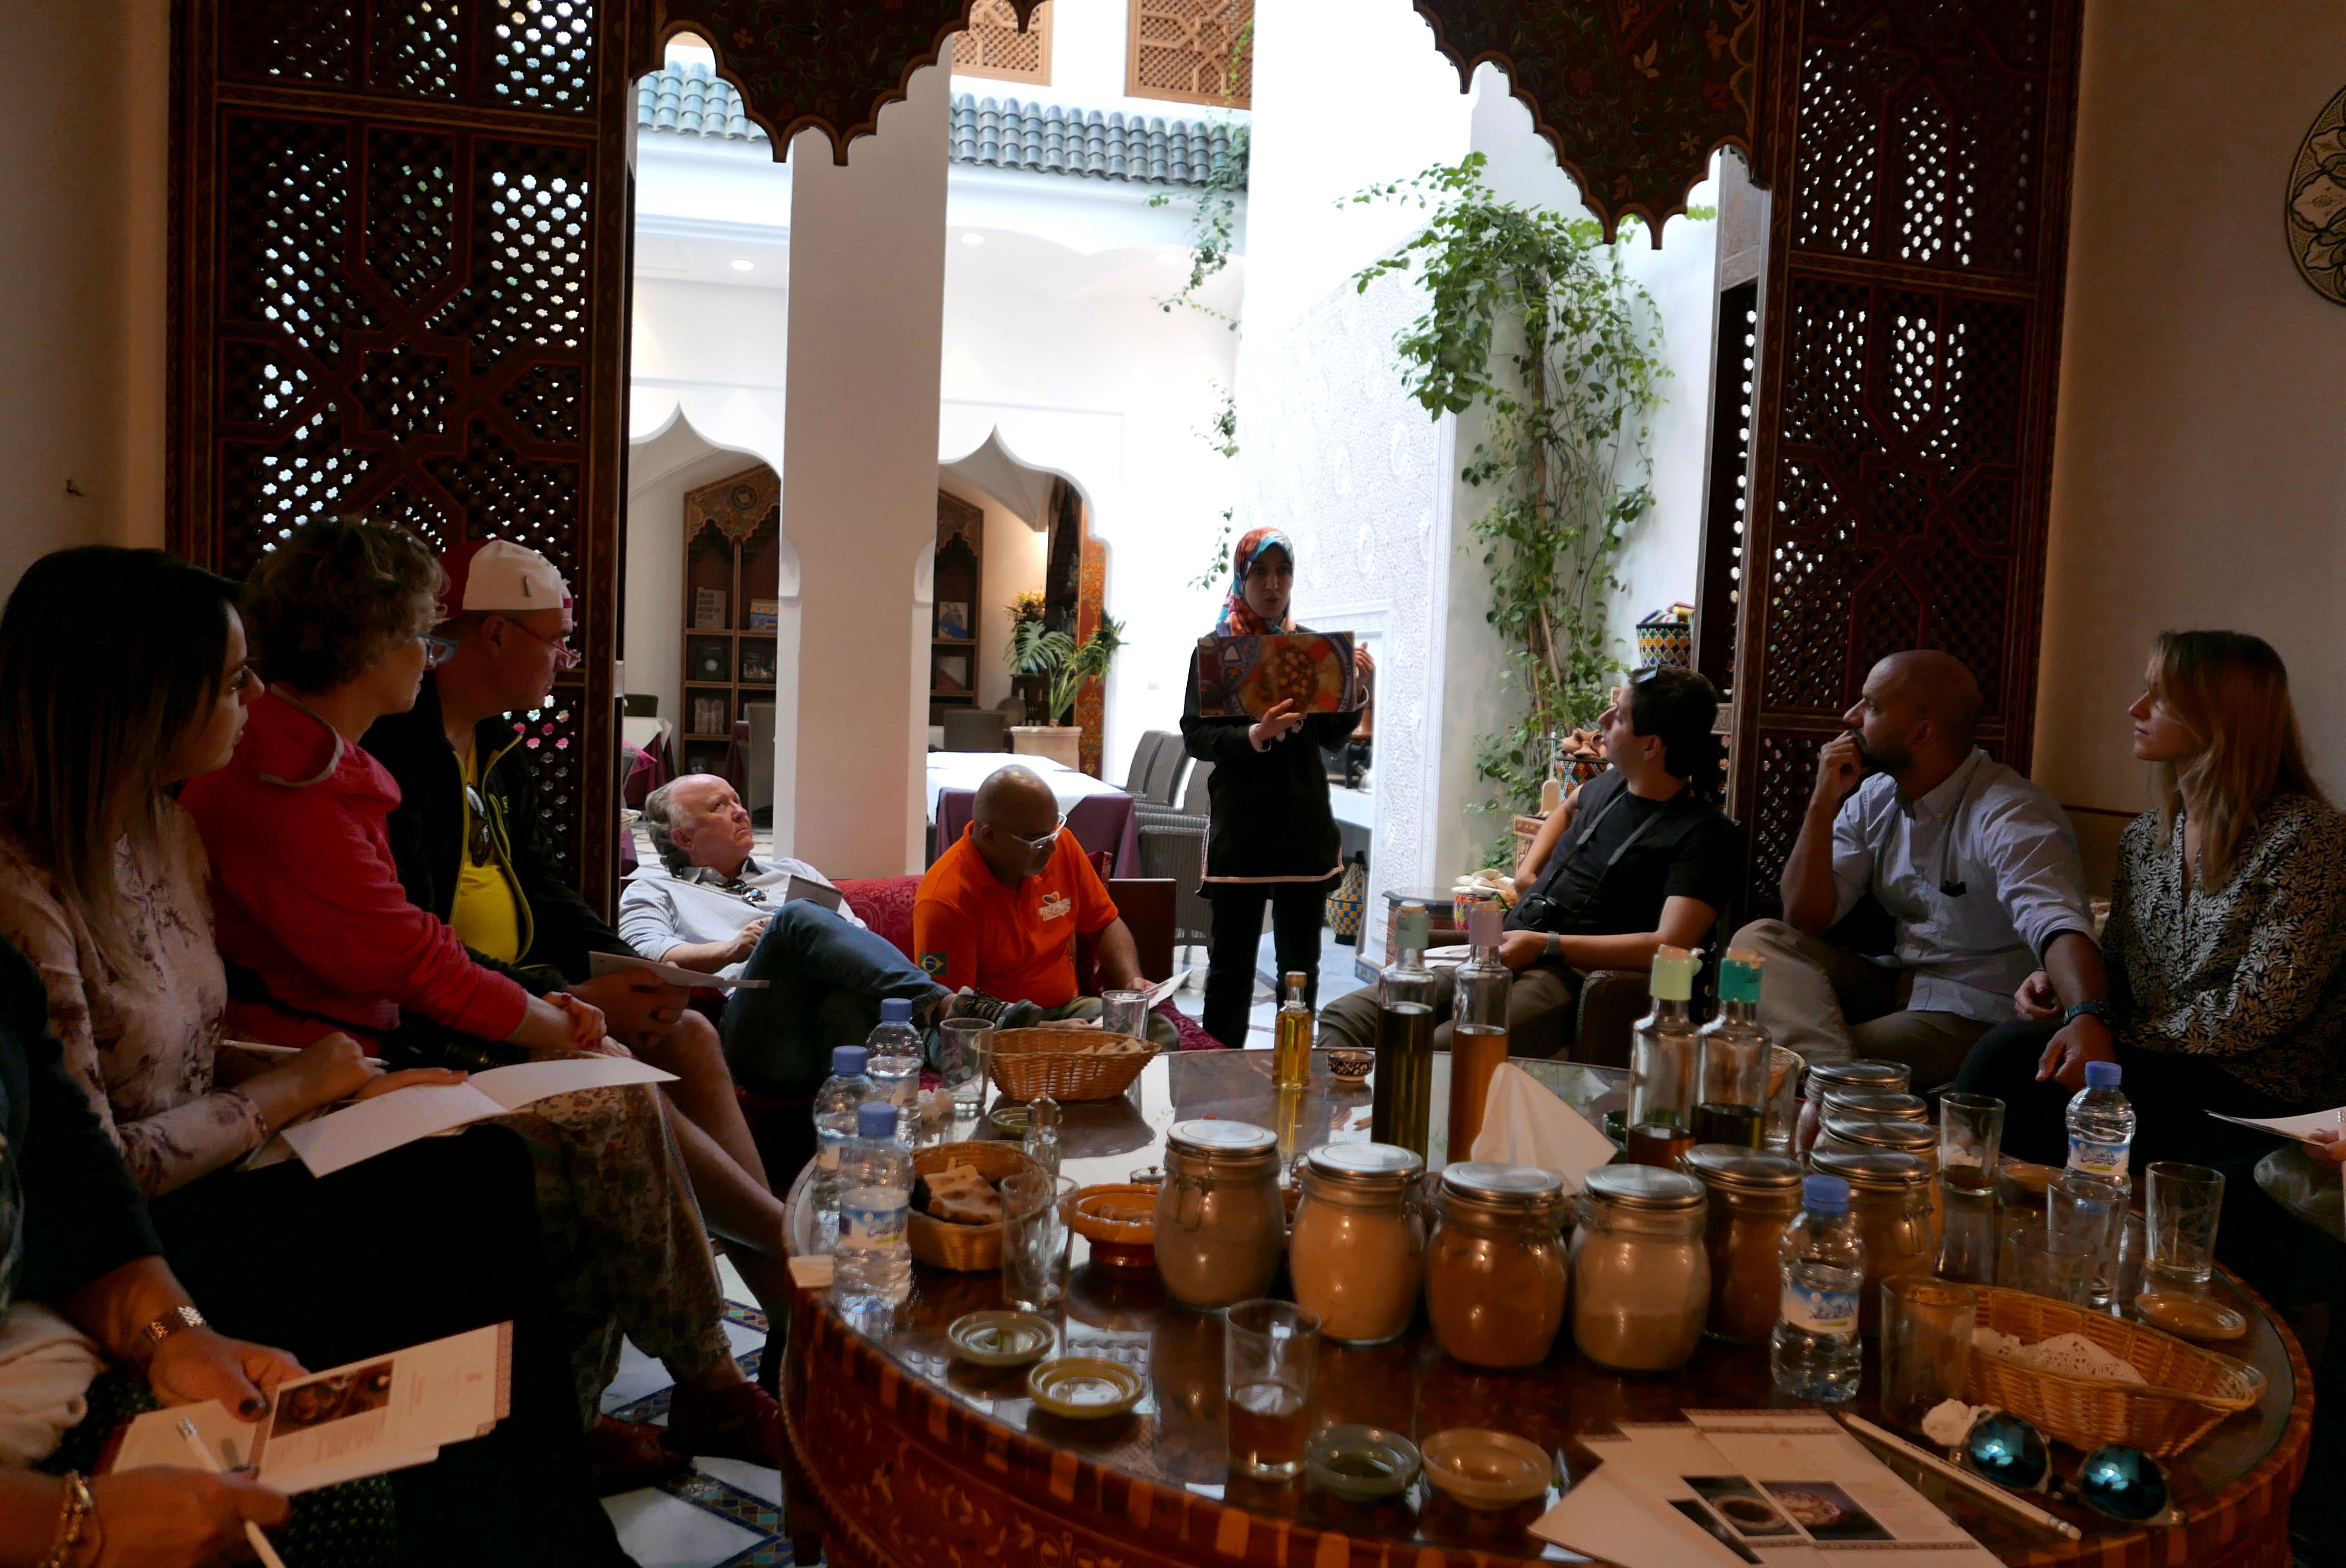 A professora do La Maison Arabe apresenta aos alunos condimentos e alimentos que fazem parte do dia a dia marroquino